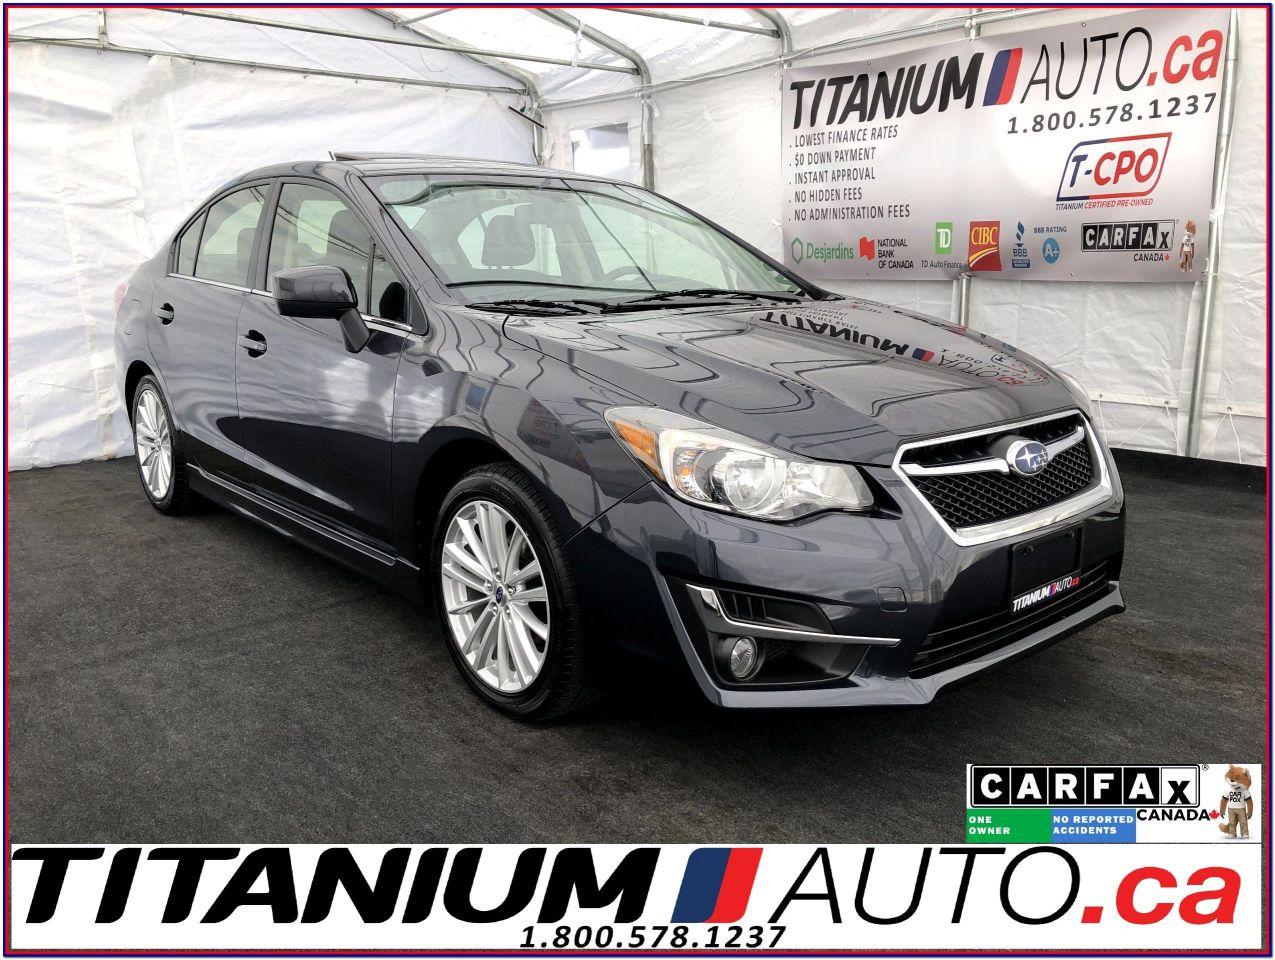 2015 Subaru Impreza | Titanium Auto ca